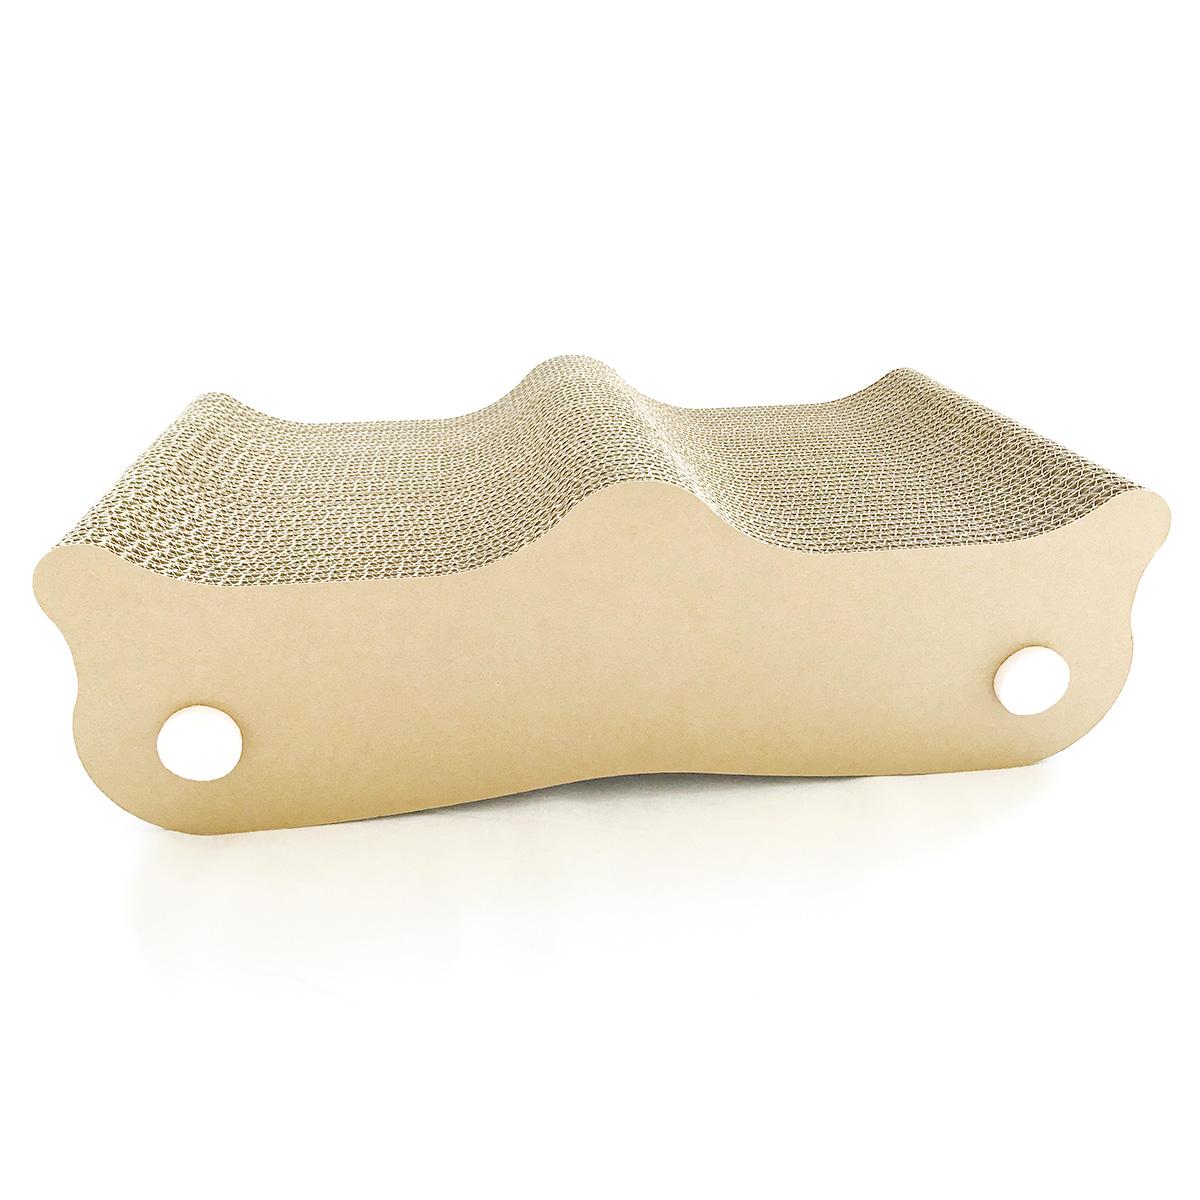 国産 ネコ用つめとぎ ダンボール タチバナ産業 猫 爪とぎ 段ボール ベッド ソファー 高耐久 日本製